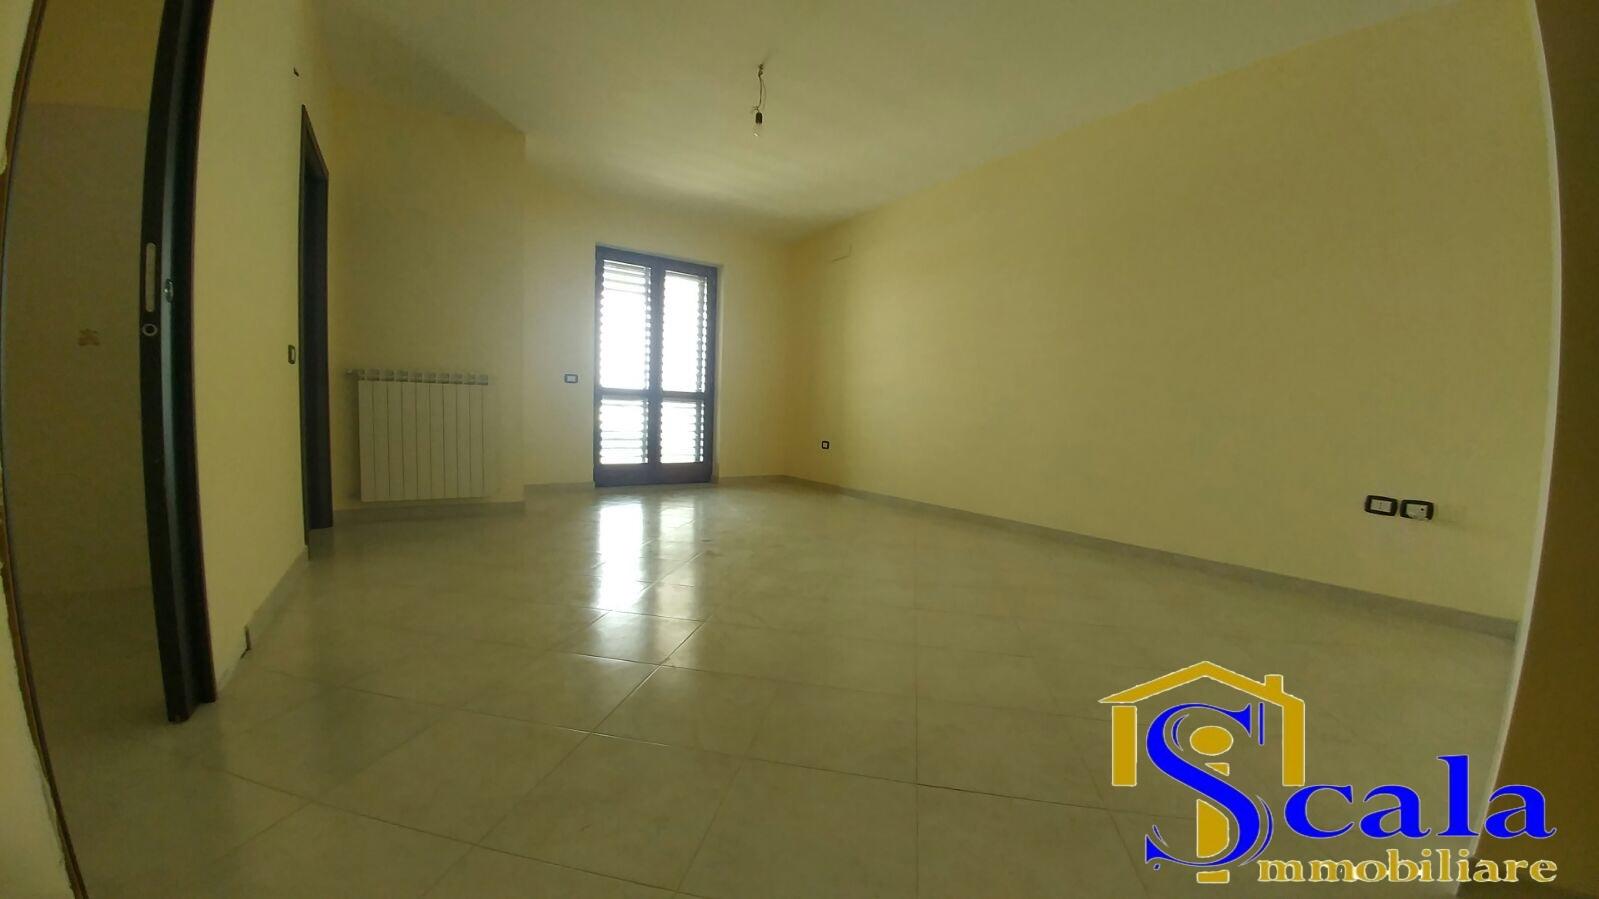 Appartamento in vendita a San Tammaro, 4 locali, prezzo € 150.000 | CambioCasa.it